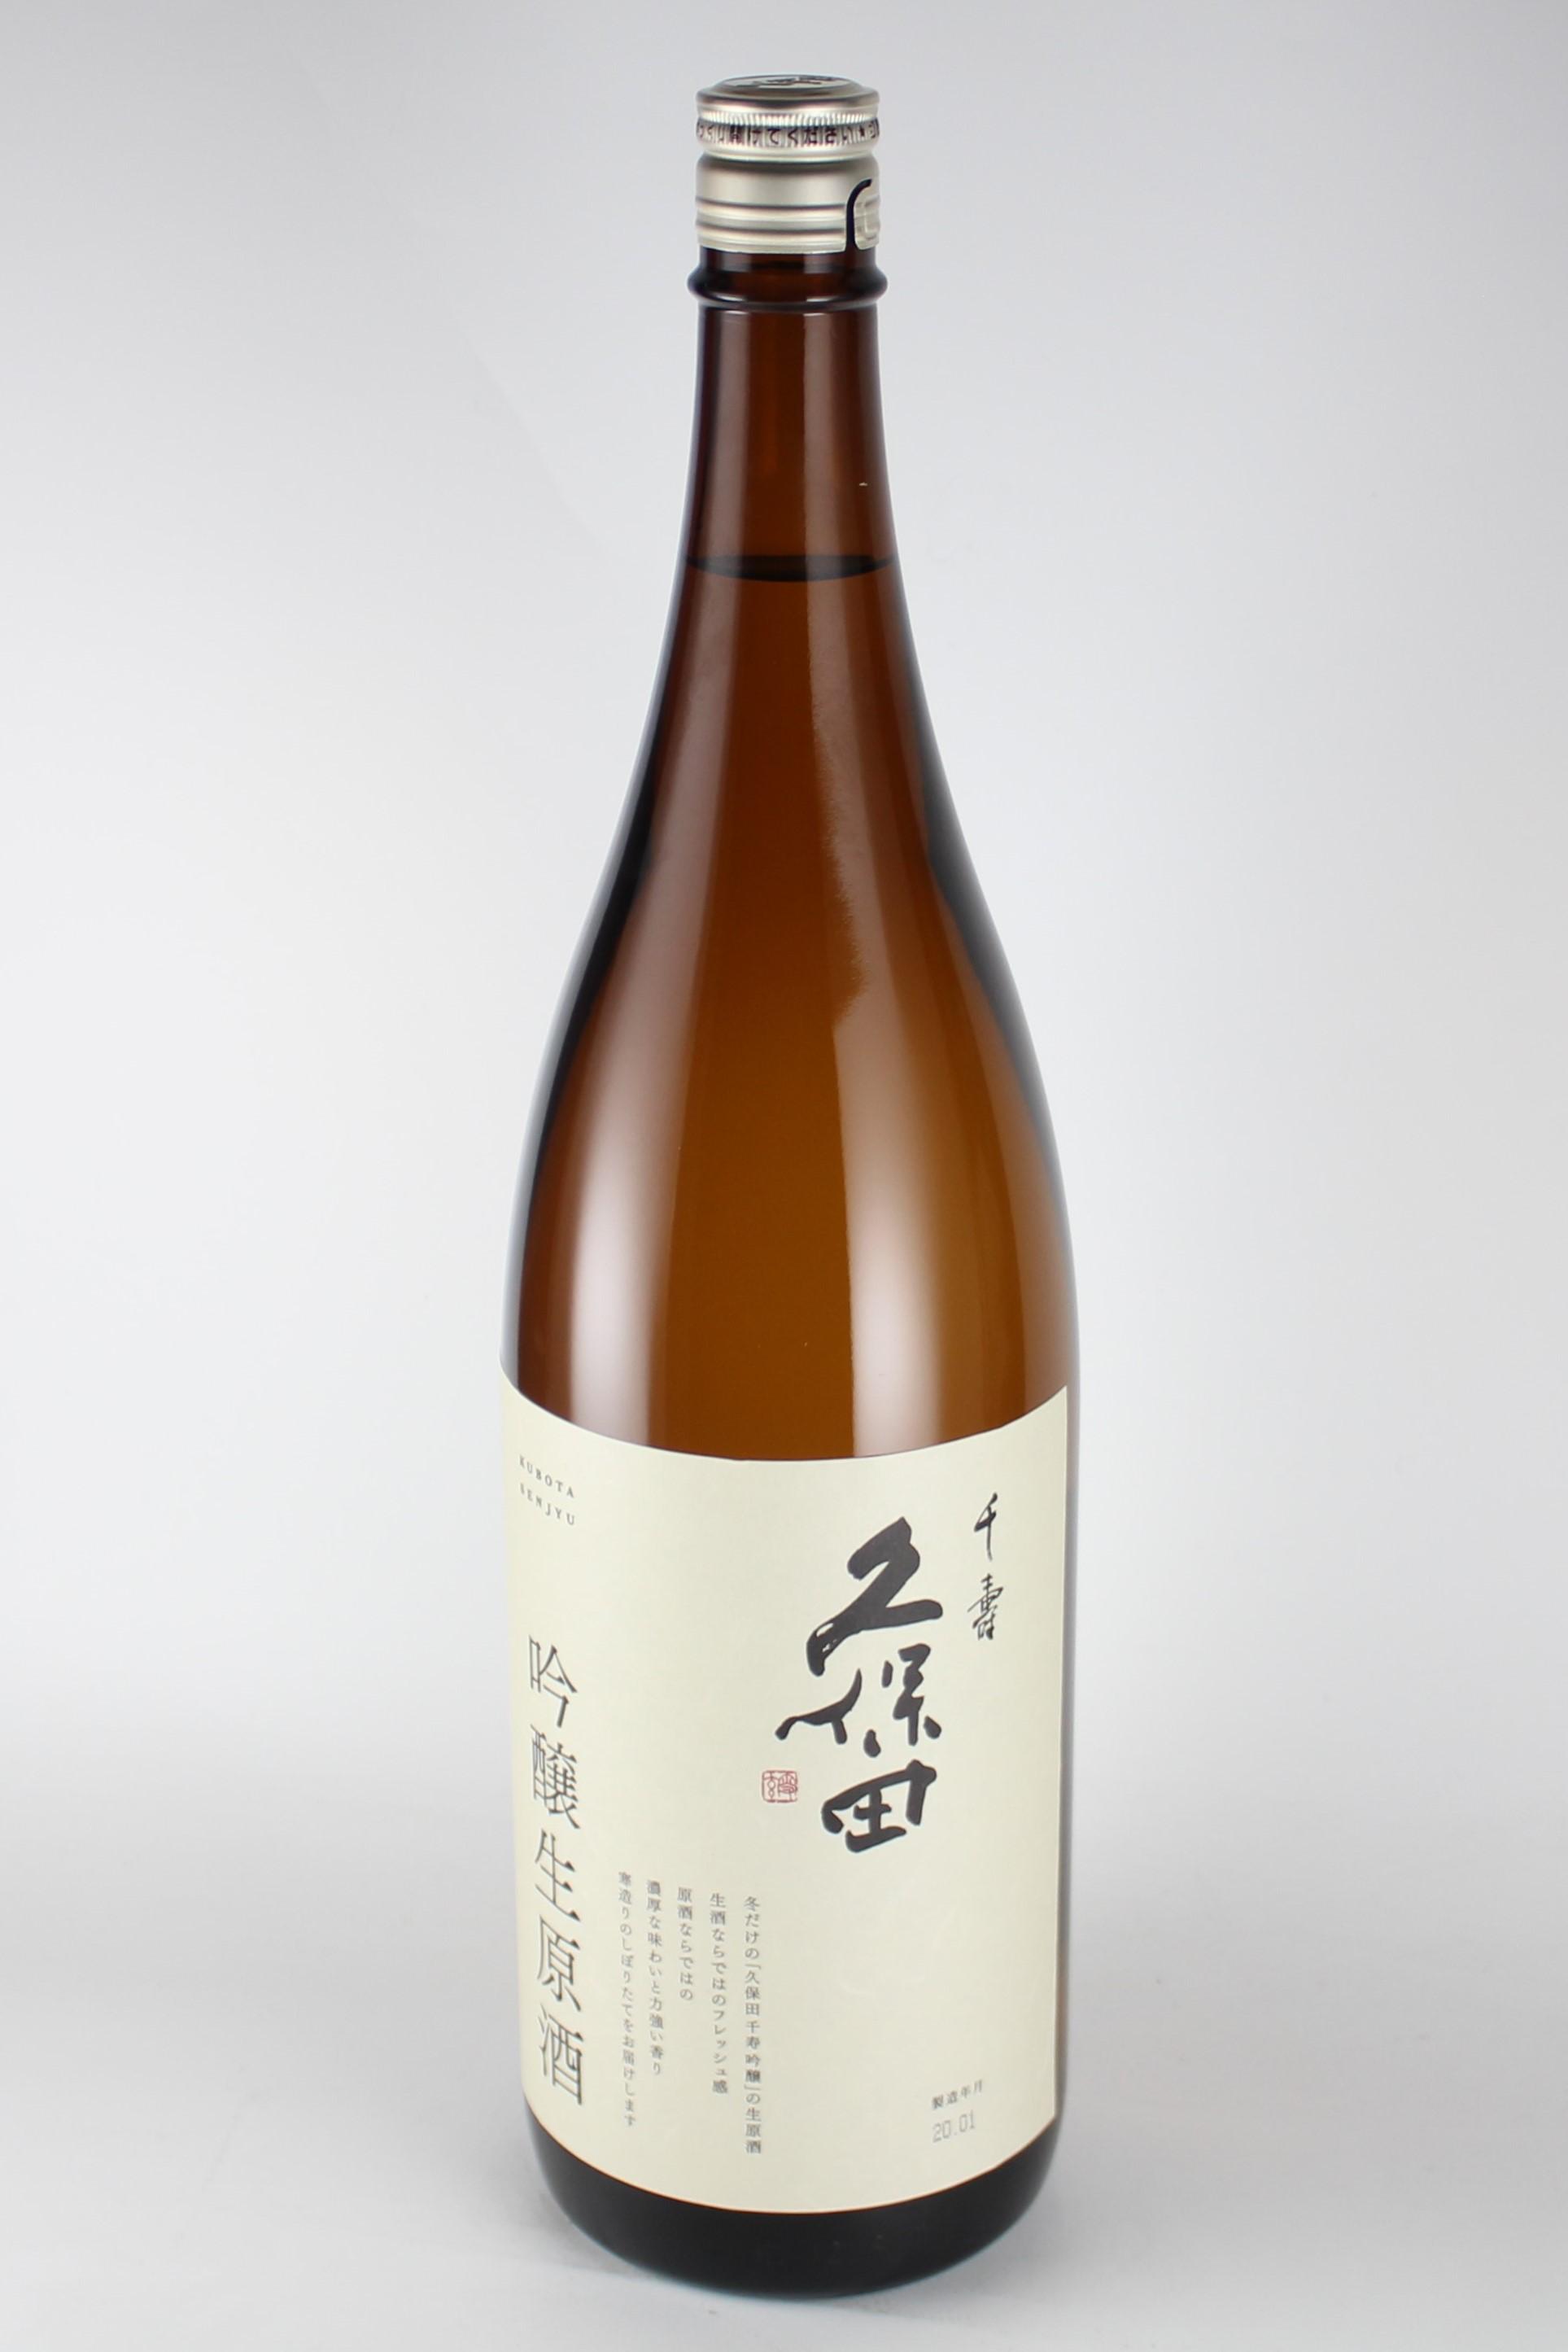 久保田 千寿 しぼりたて 吟醸生原酒 1800ml 【新潟/朝日酒造】